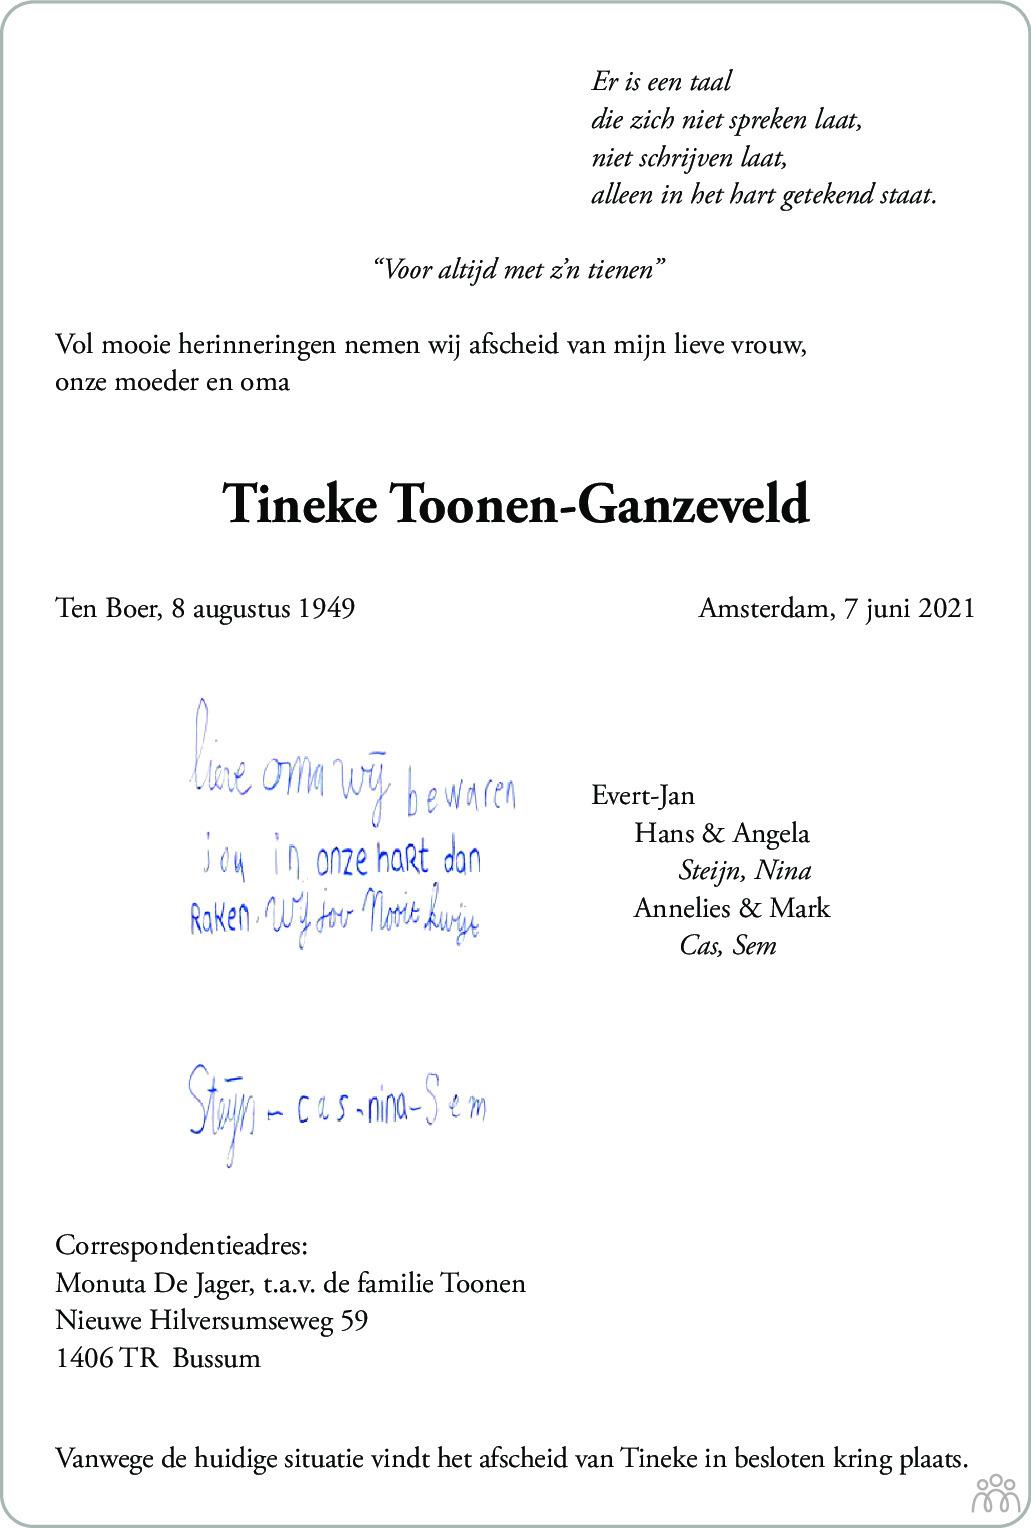 Overlijdensbericht van Tineke Toonen-Ganzeveld in De Gooi- en Eemlander